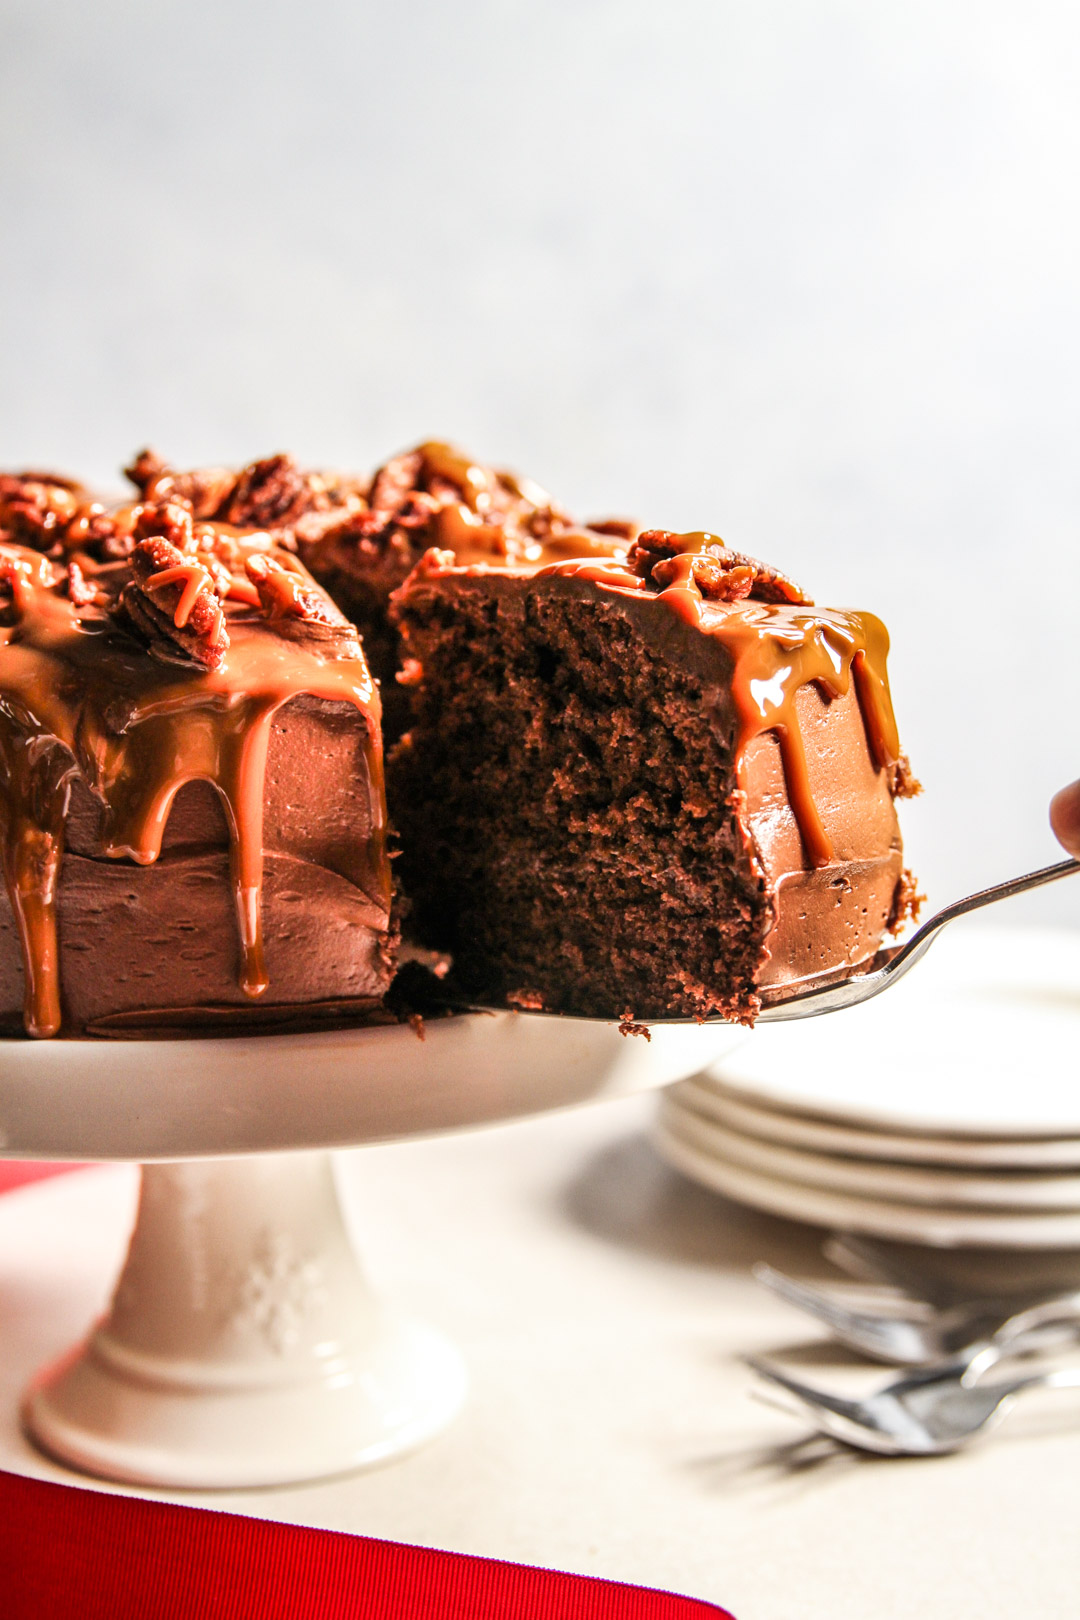 Chocolate Dolce de Leche Caramel Turtle Cake Recipe